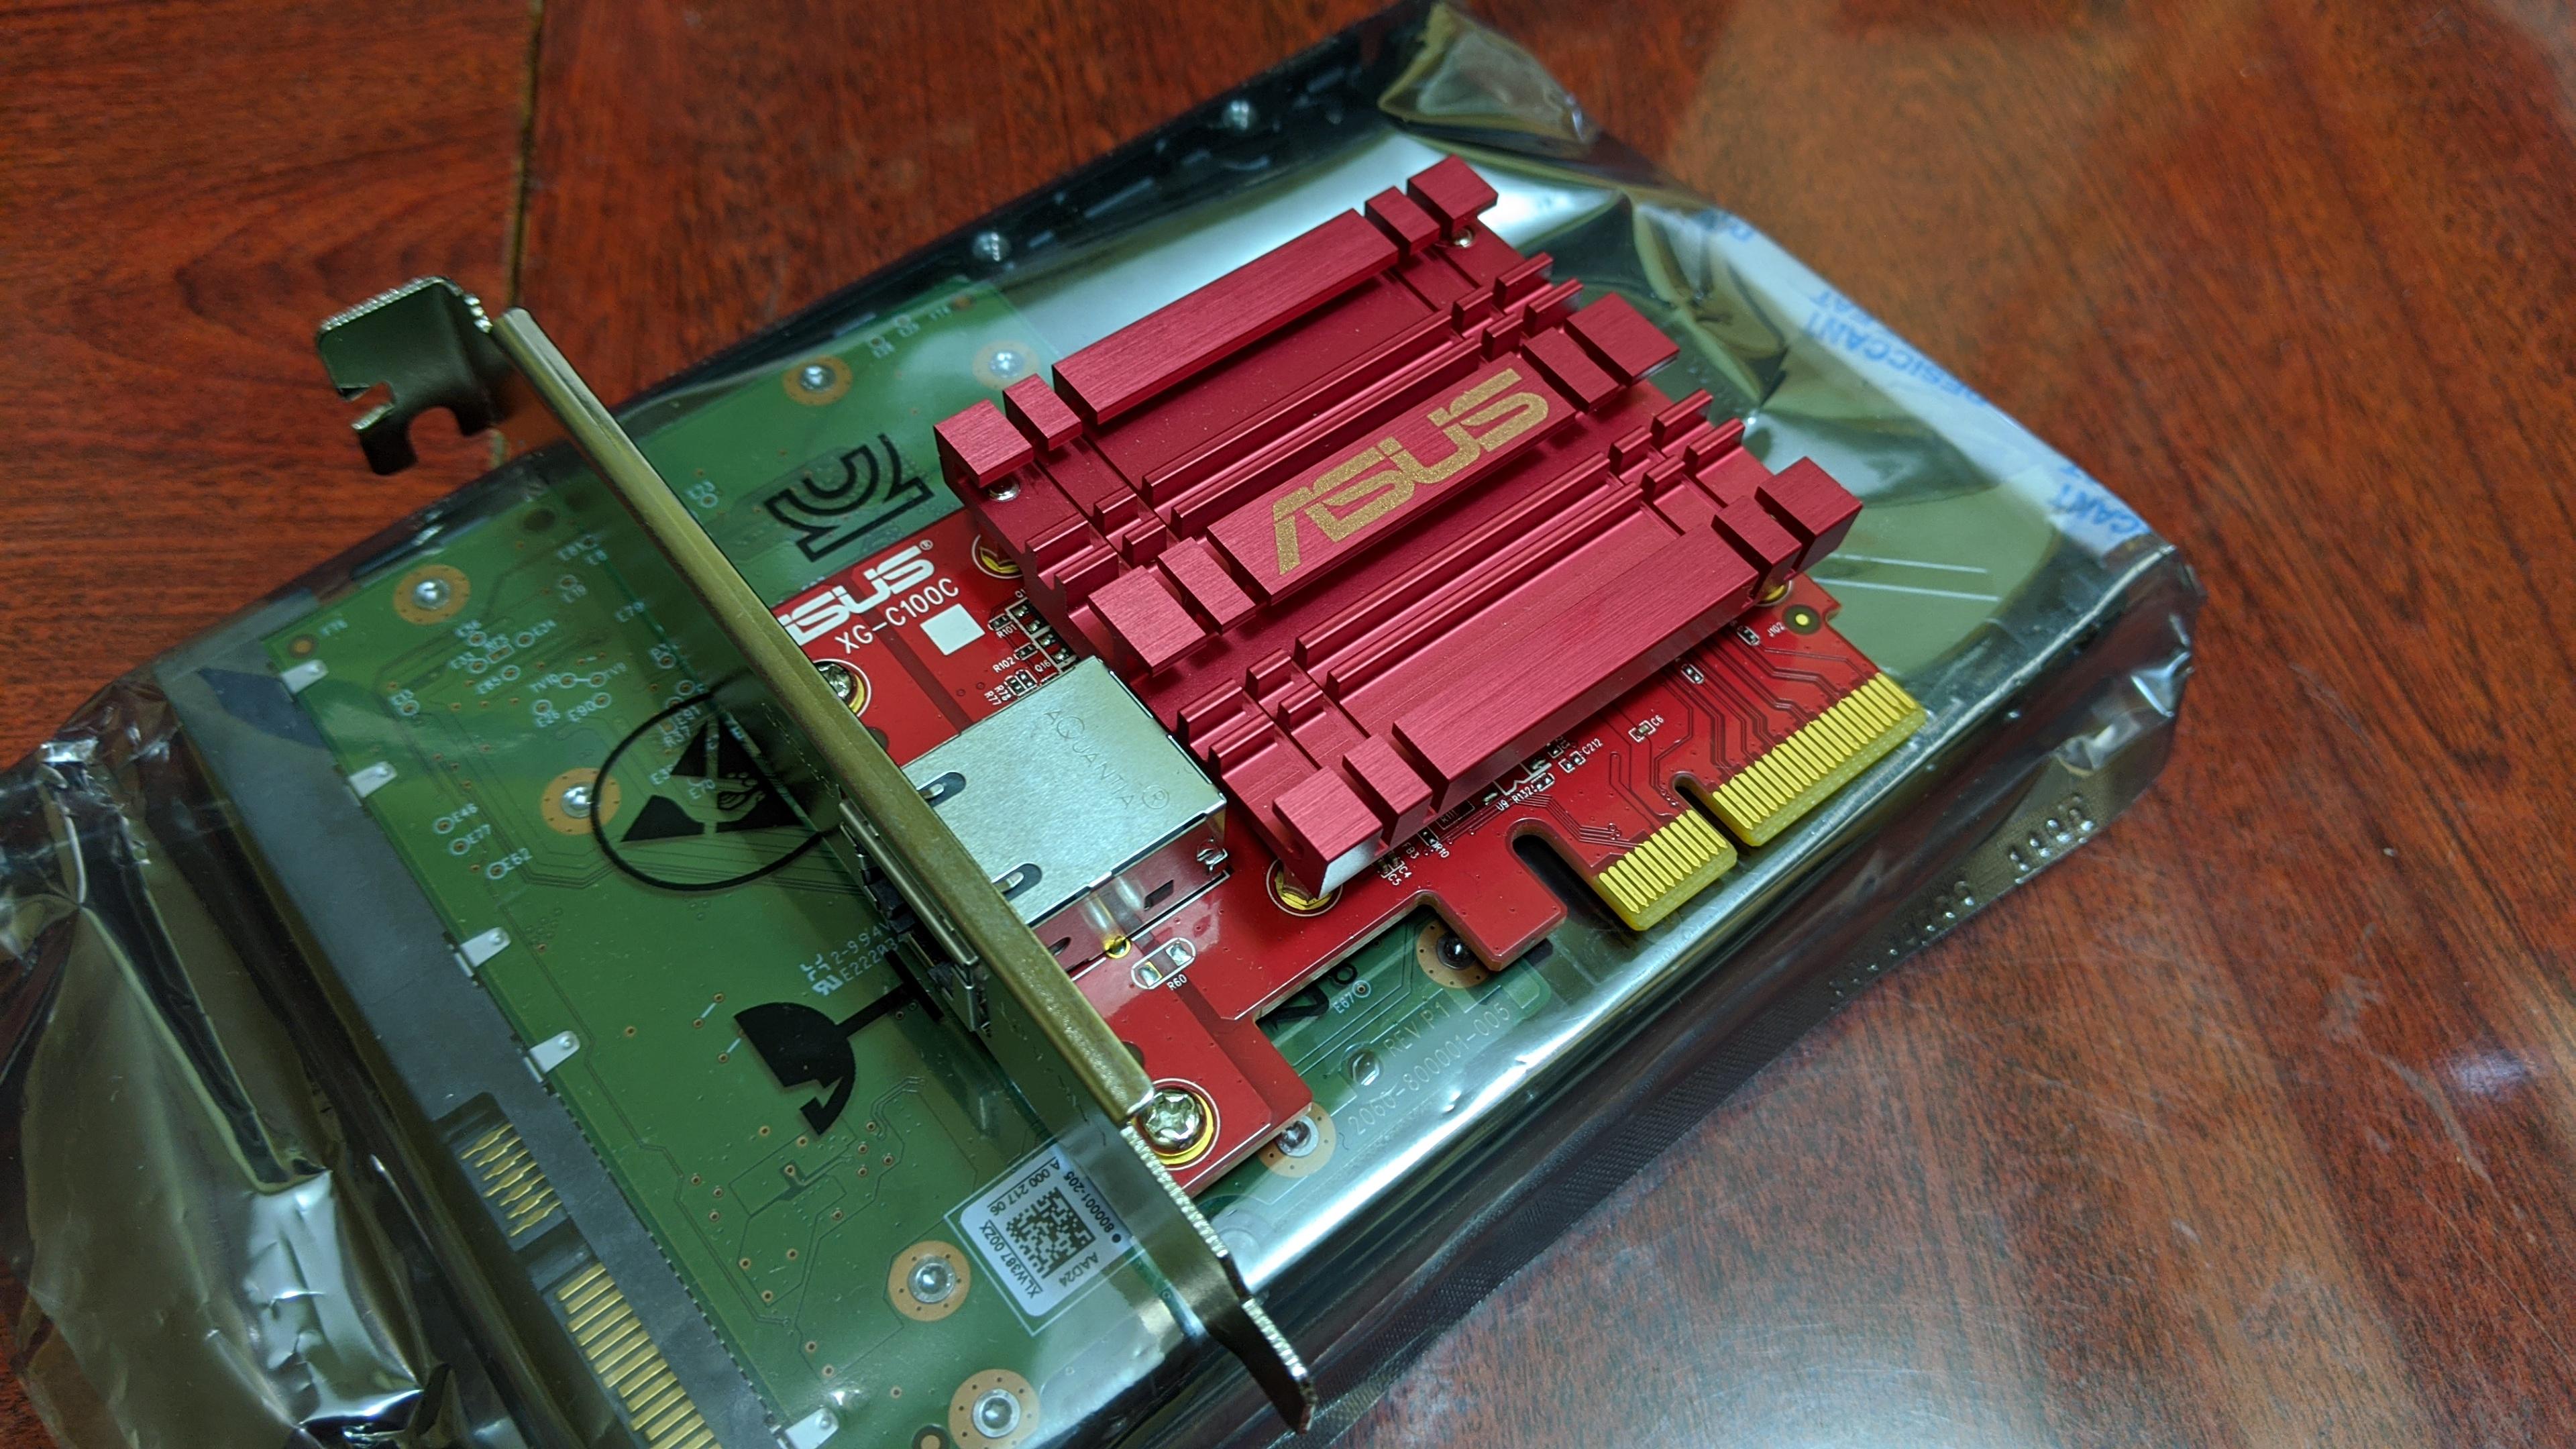 Asus XG-C100C network adaptor